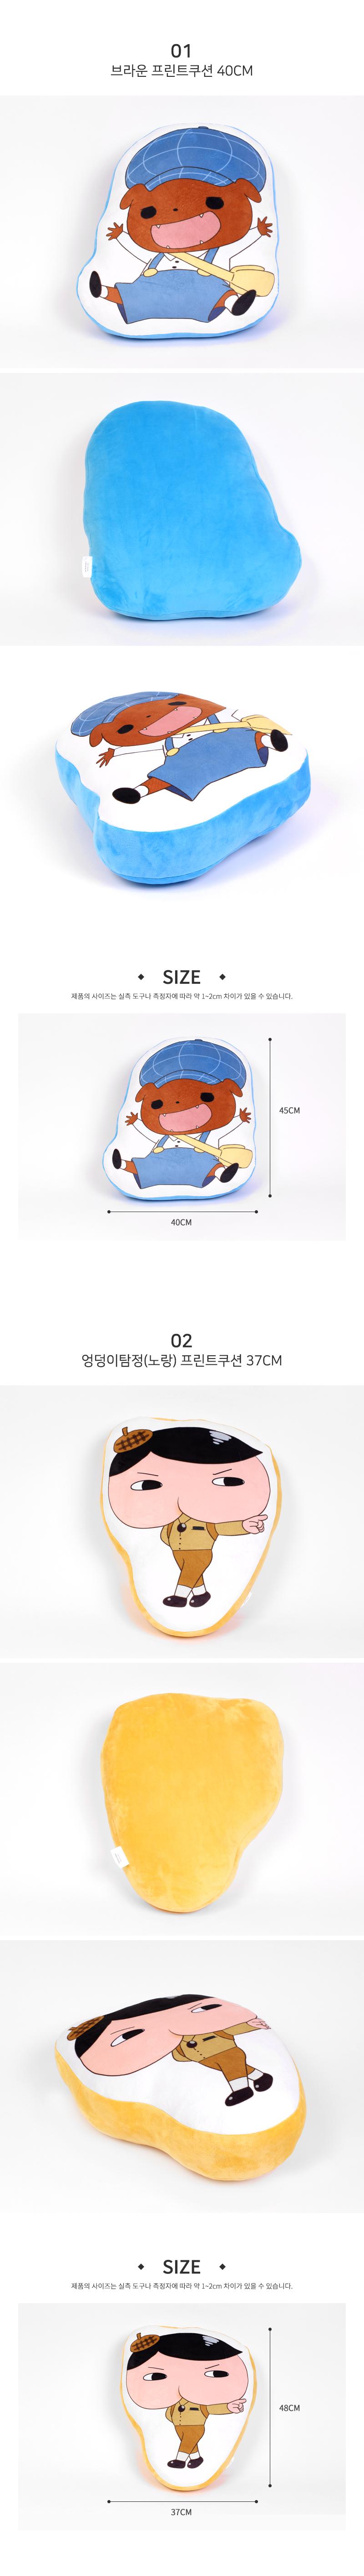 엉덩이탐정 라인프린트쿠션 - (주) 이젠크리에이션, 31,900원, 캐릭터인형, 기타 캐릭터 인형